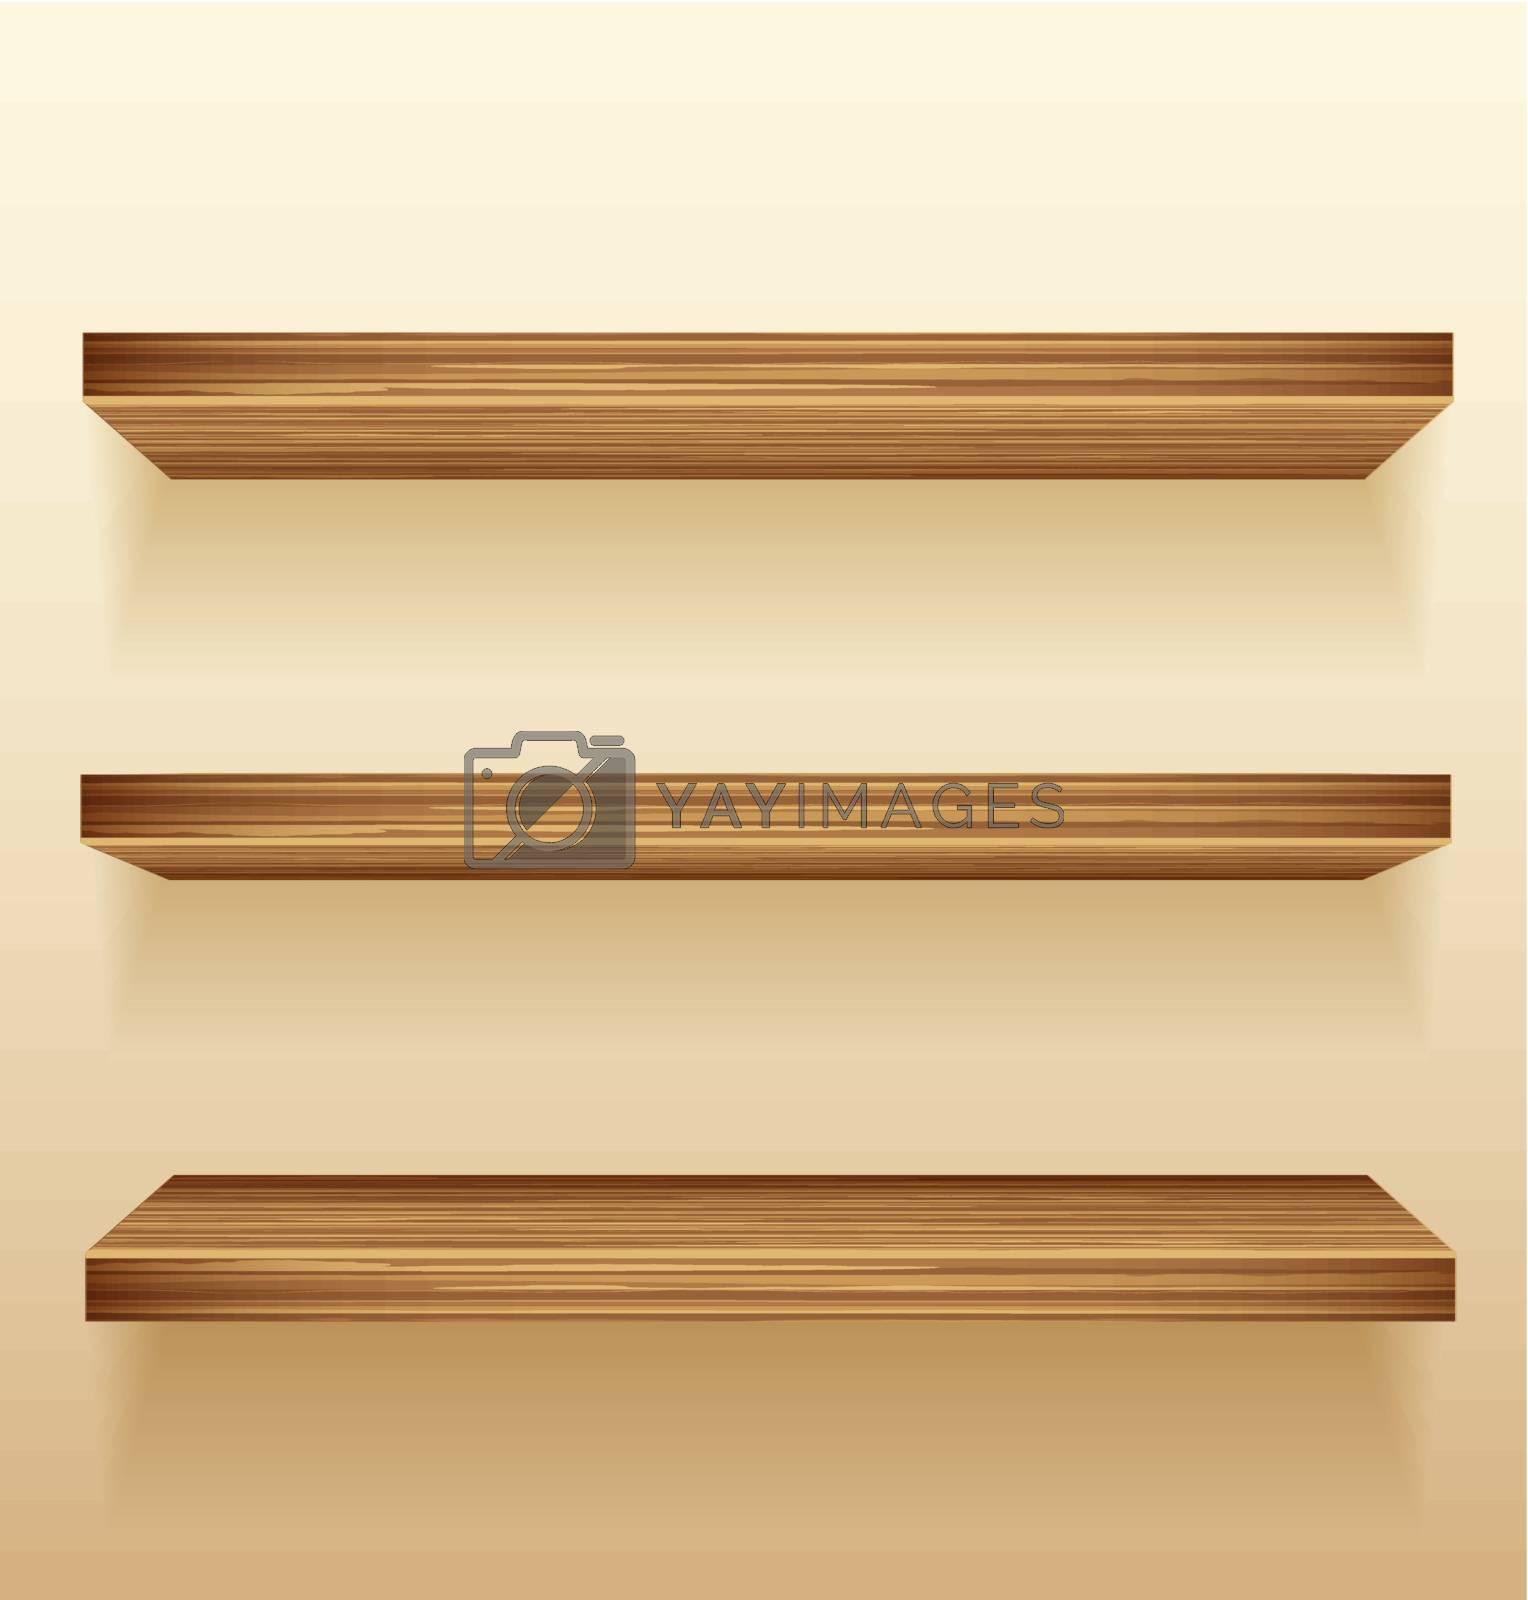 Royalty free image of shelf by odina222